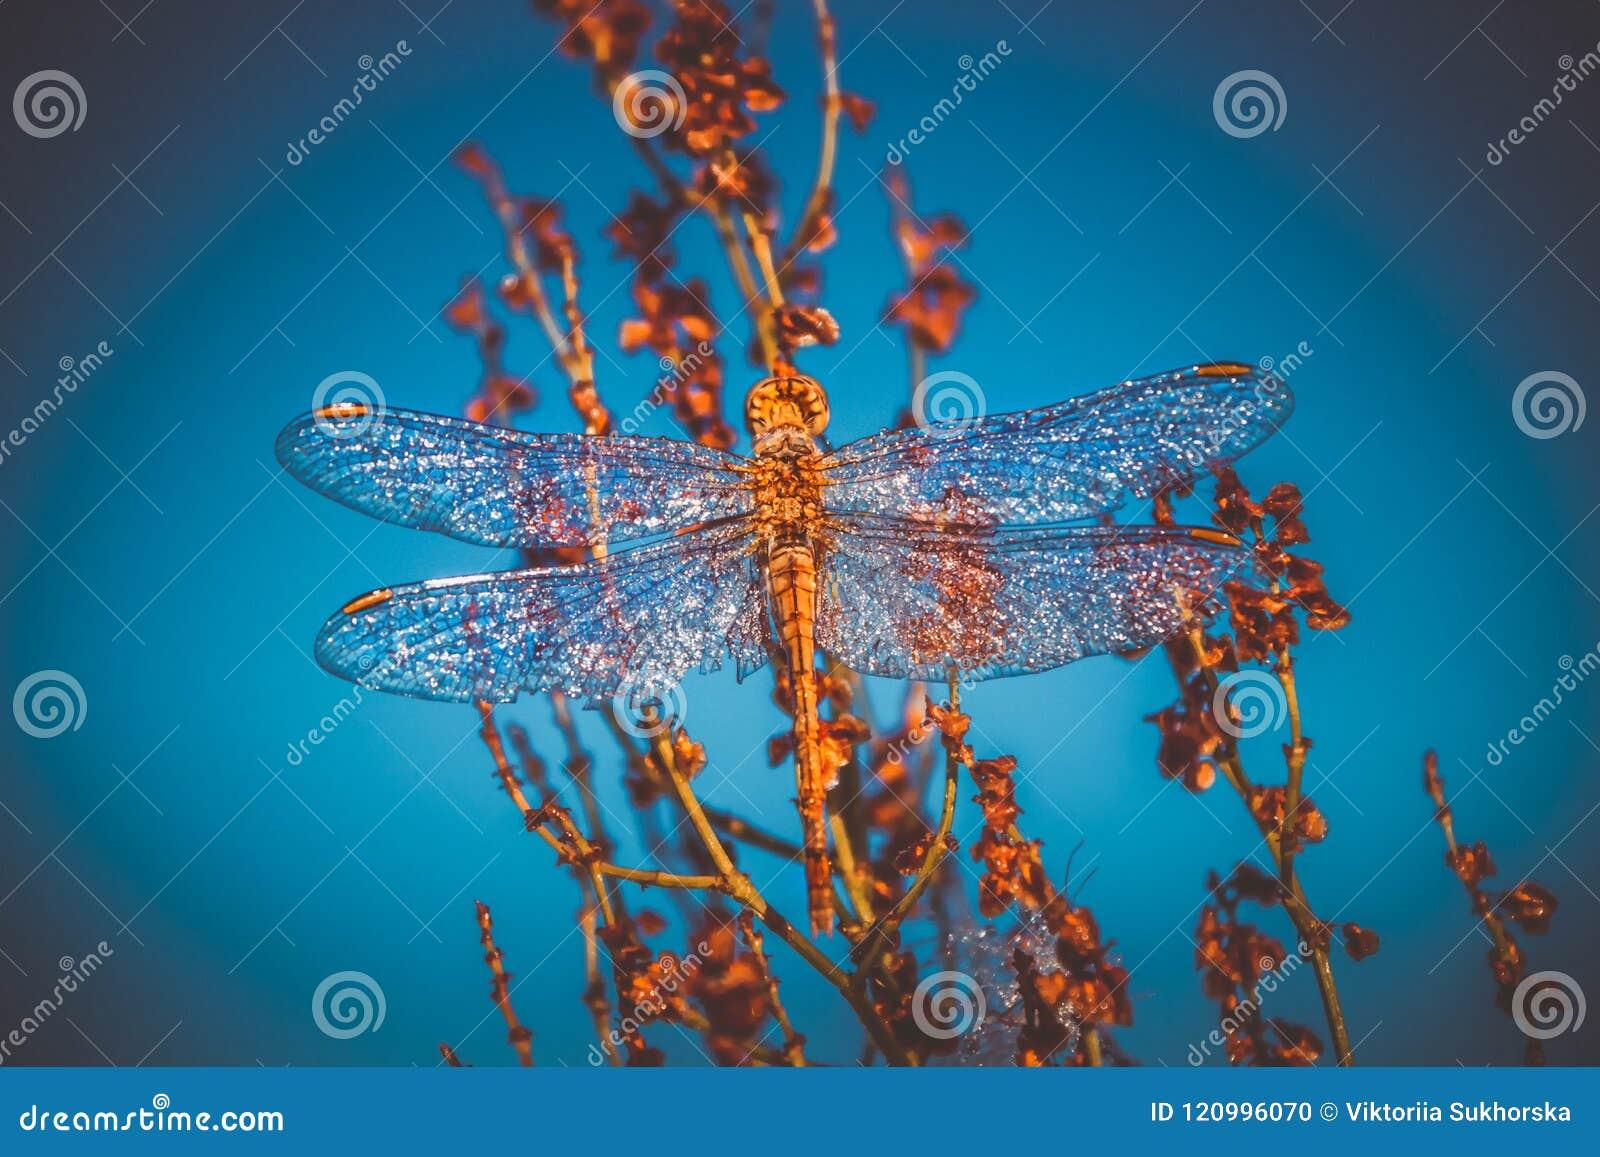 Um inseto bonito de uma libélula Sympetrum Vulgatum contra um fundo de um fundo do céu azul toning